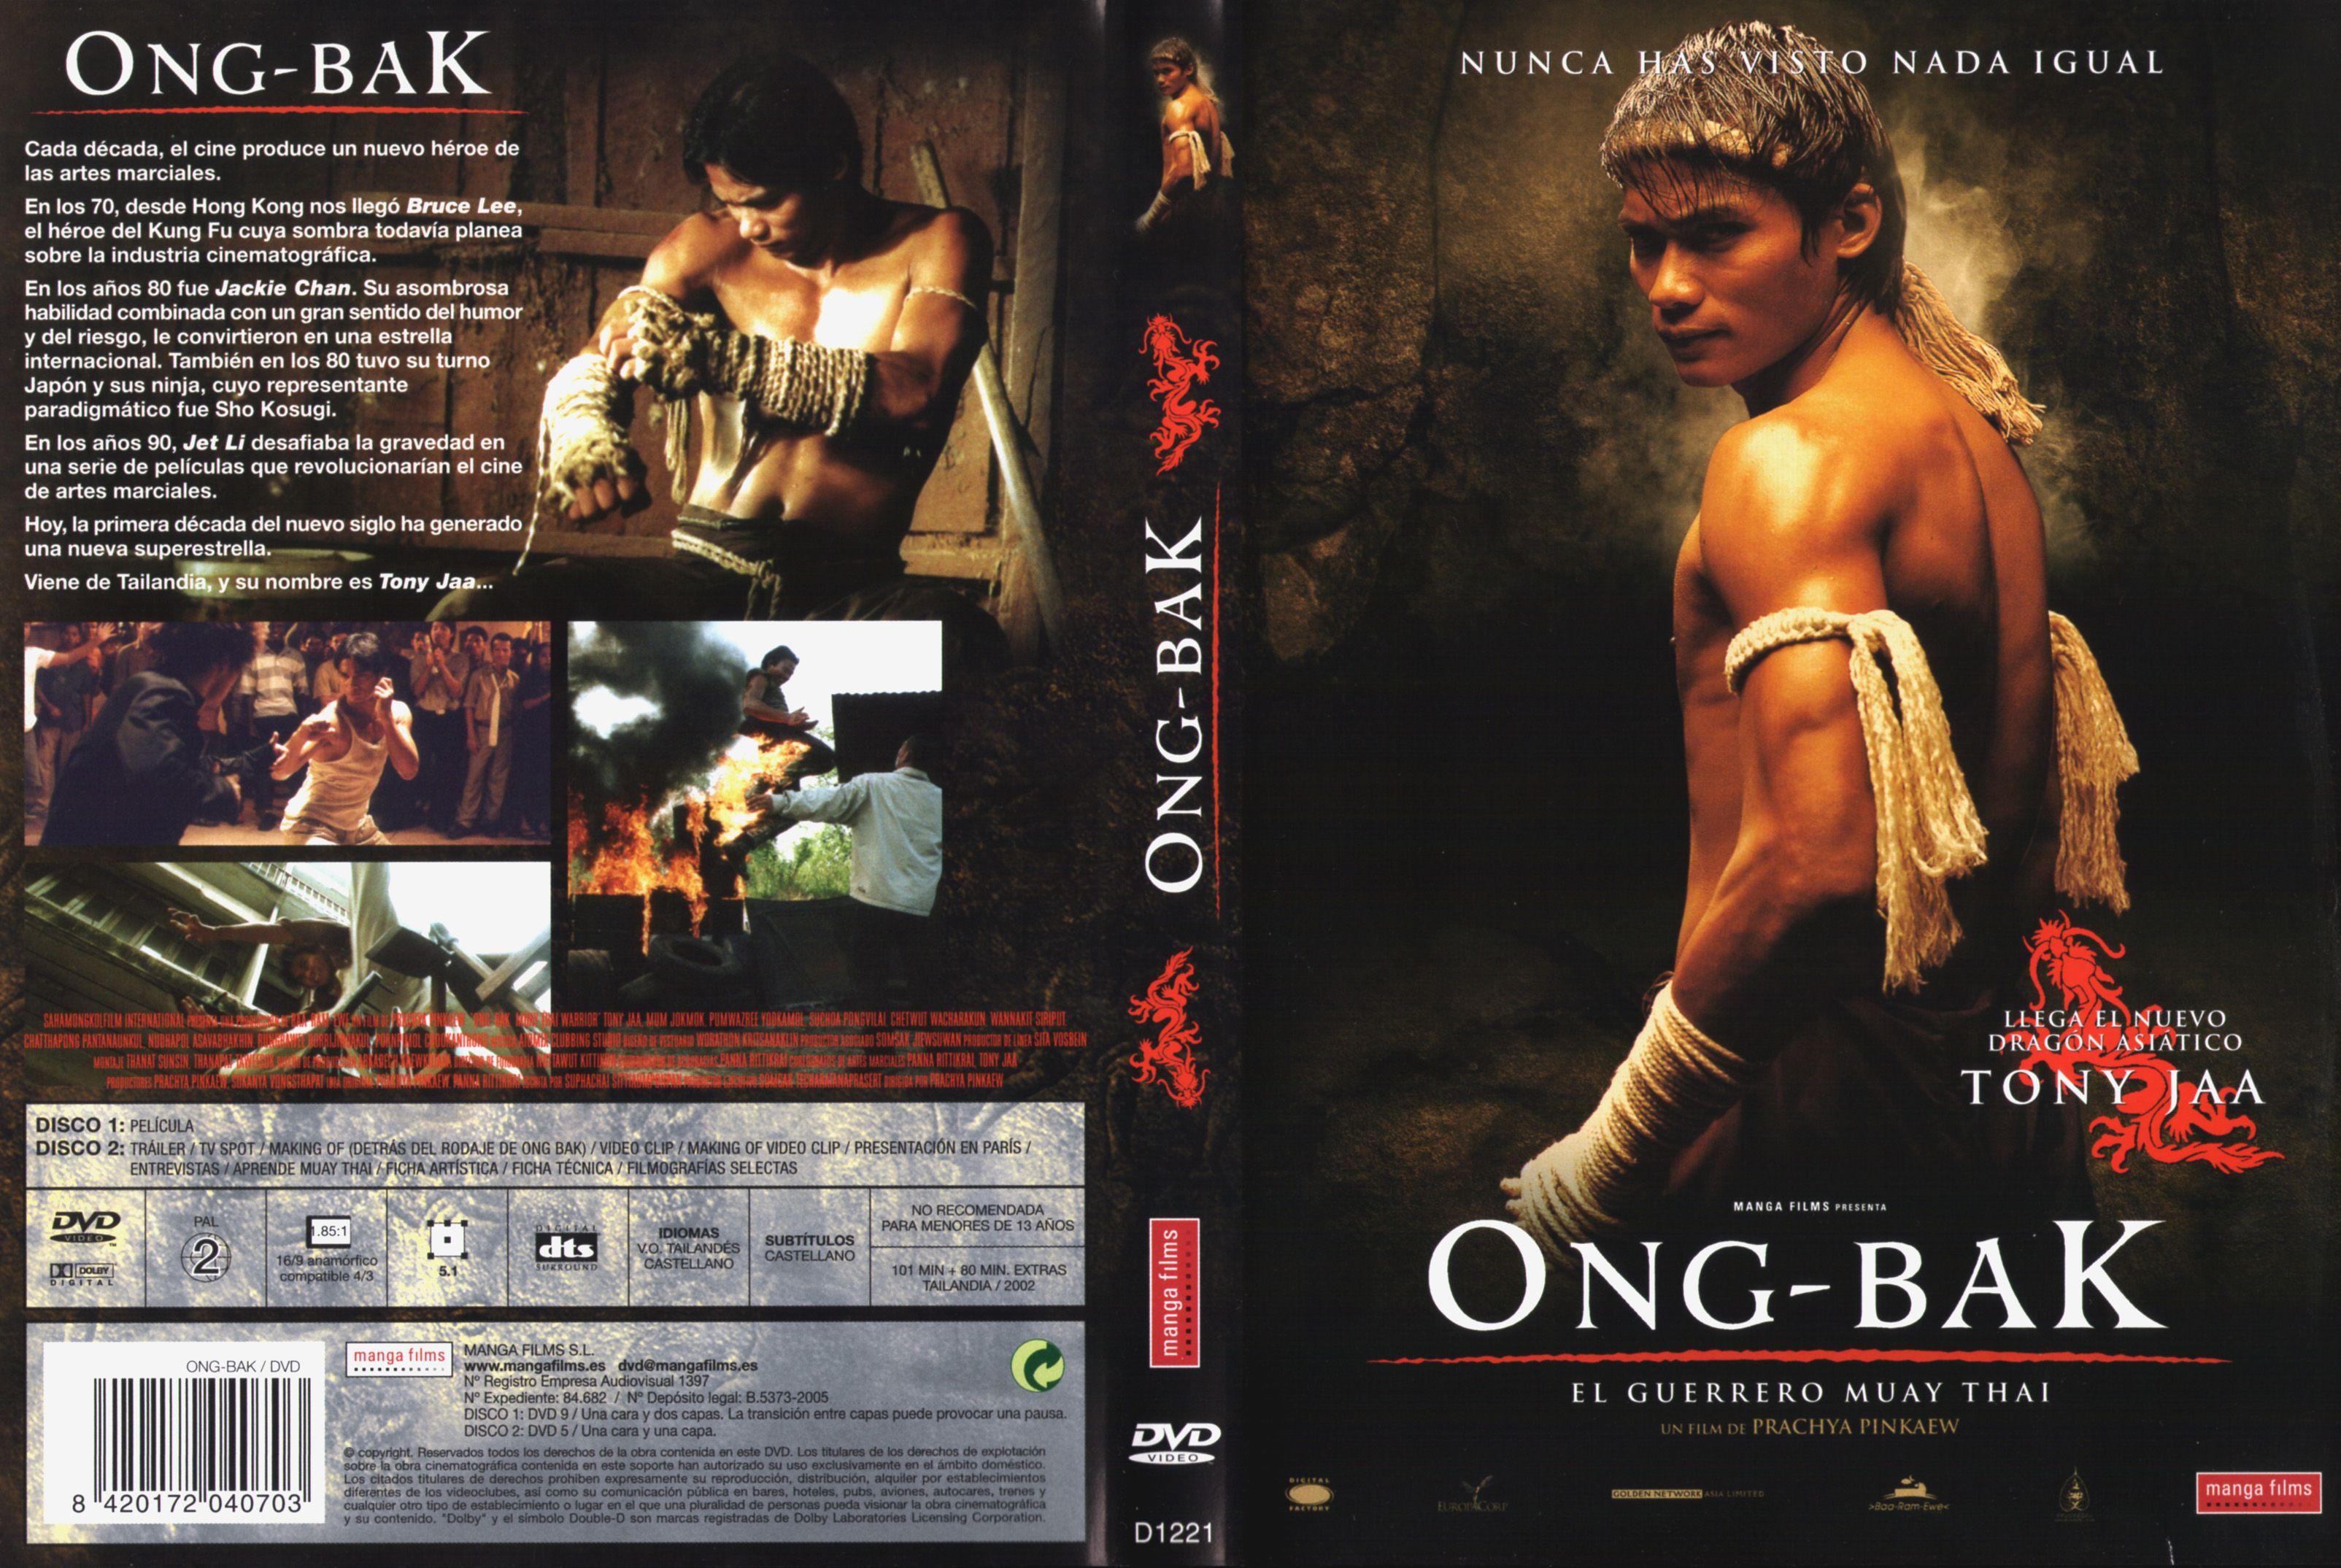 Ong-bak_-_El_Guerrero_Muay_Thai_por_Duqu